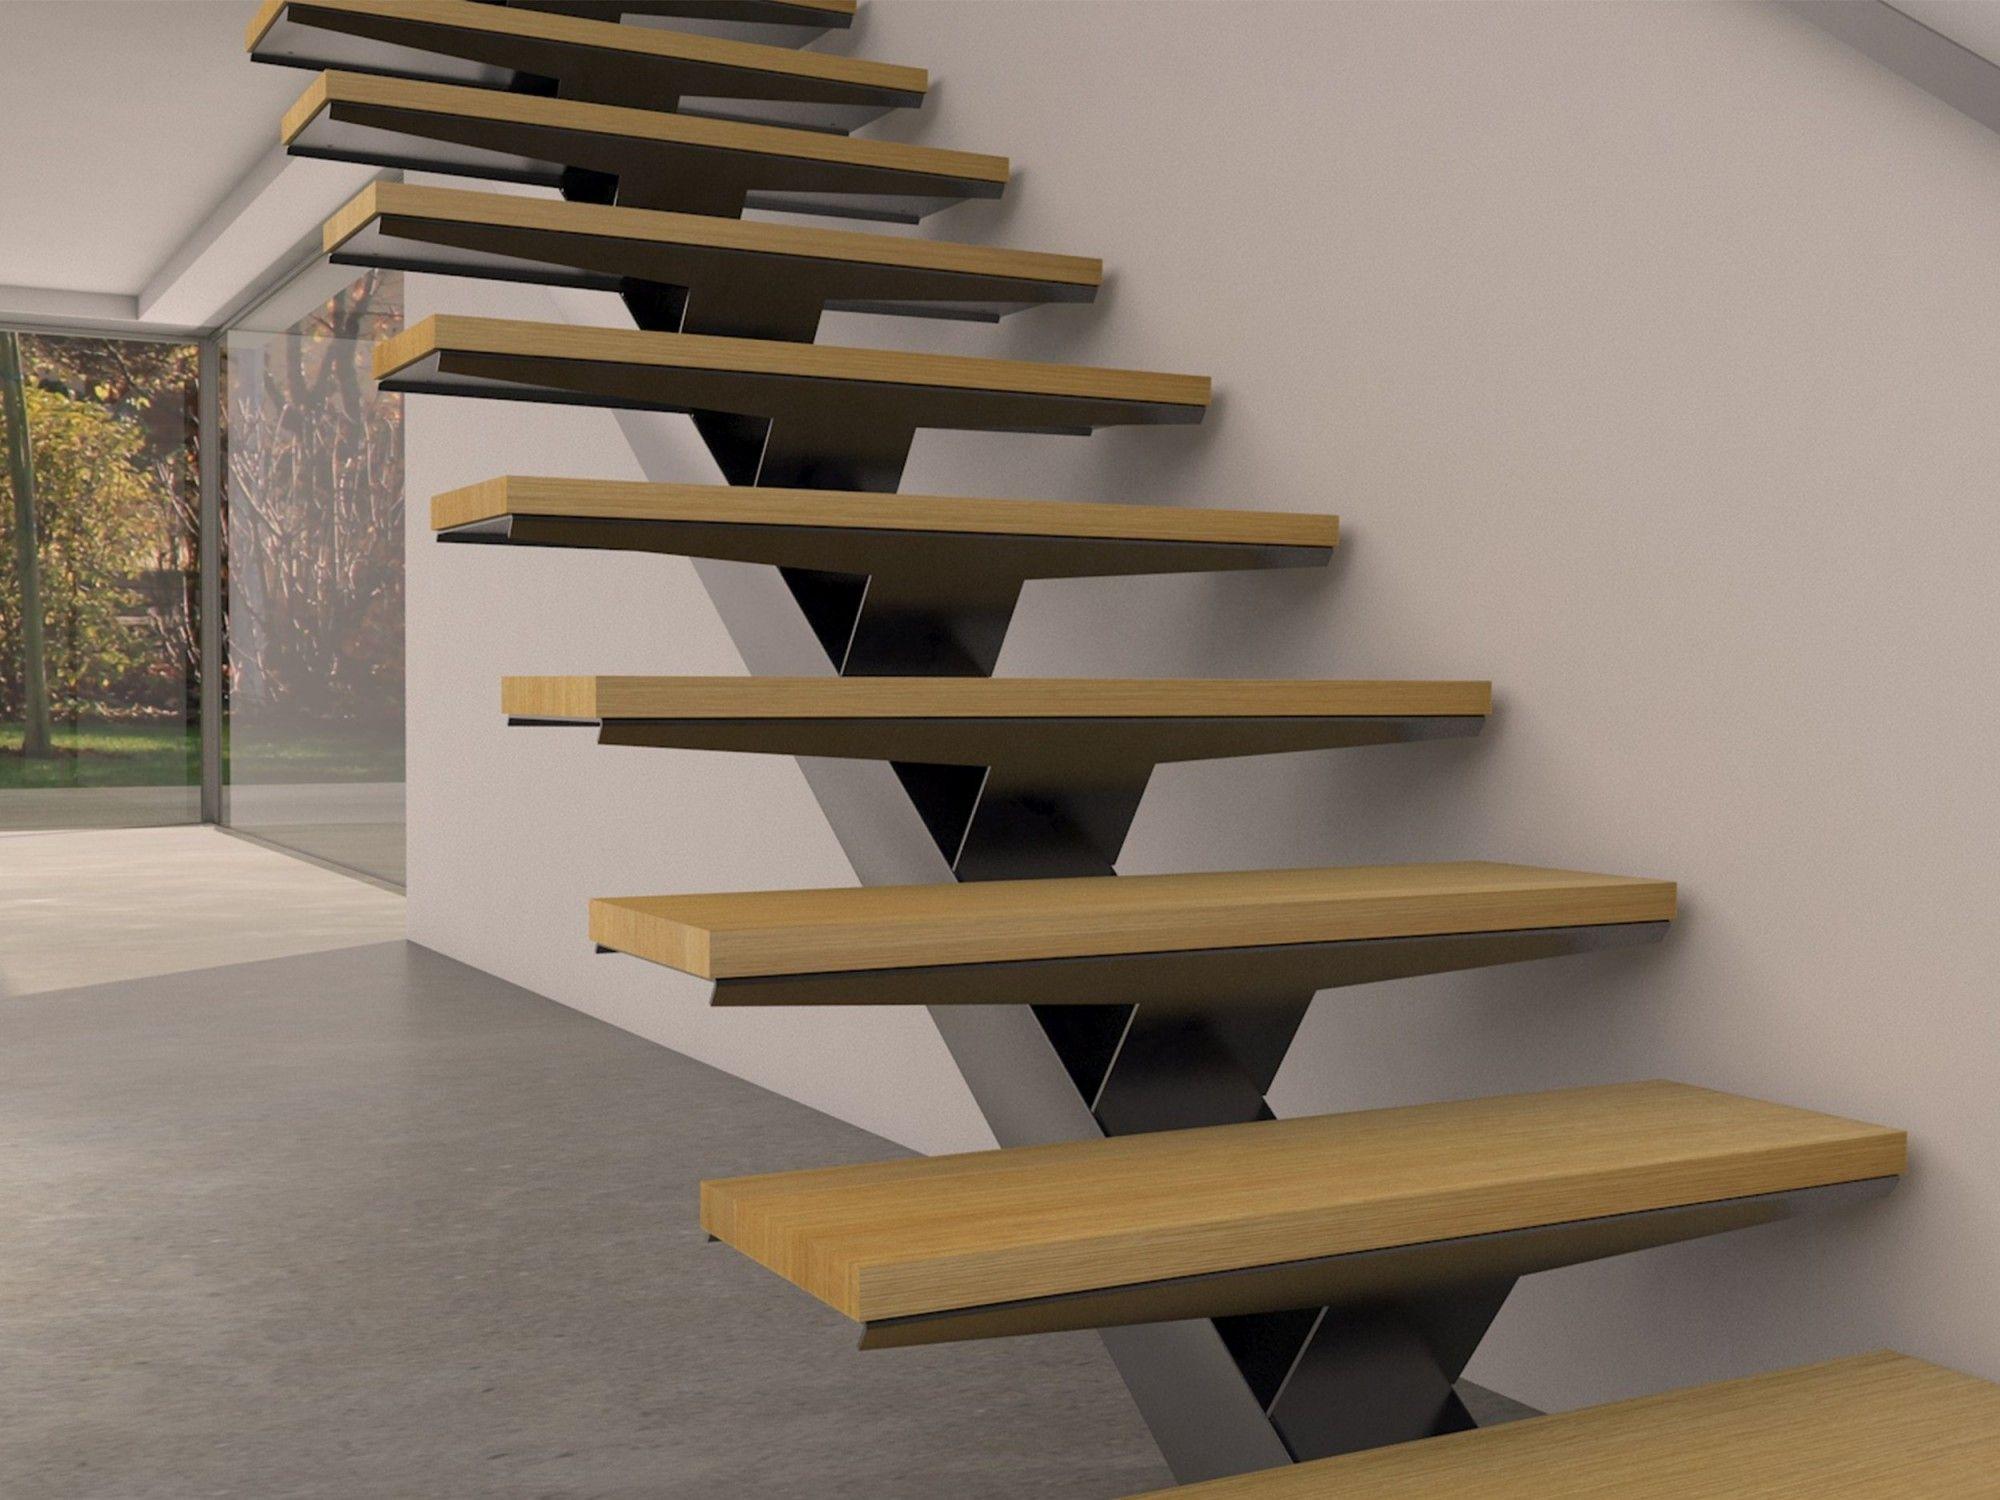 Escalier Pas Cher Recherche Google Home Decor Home Decor